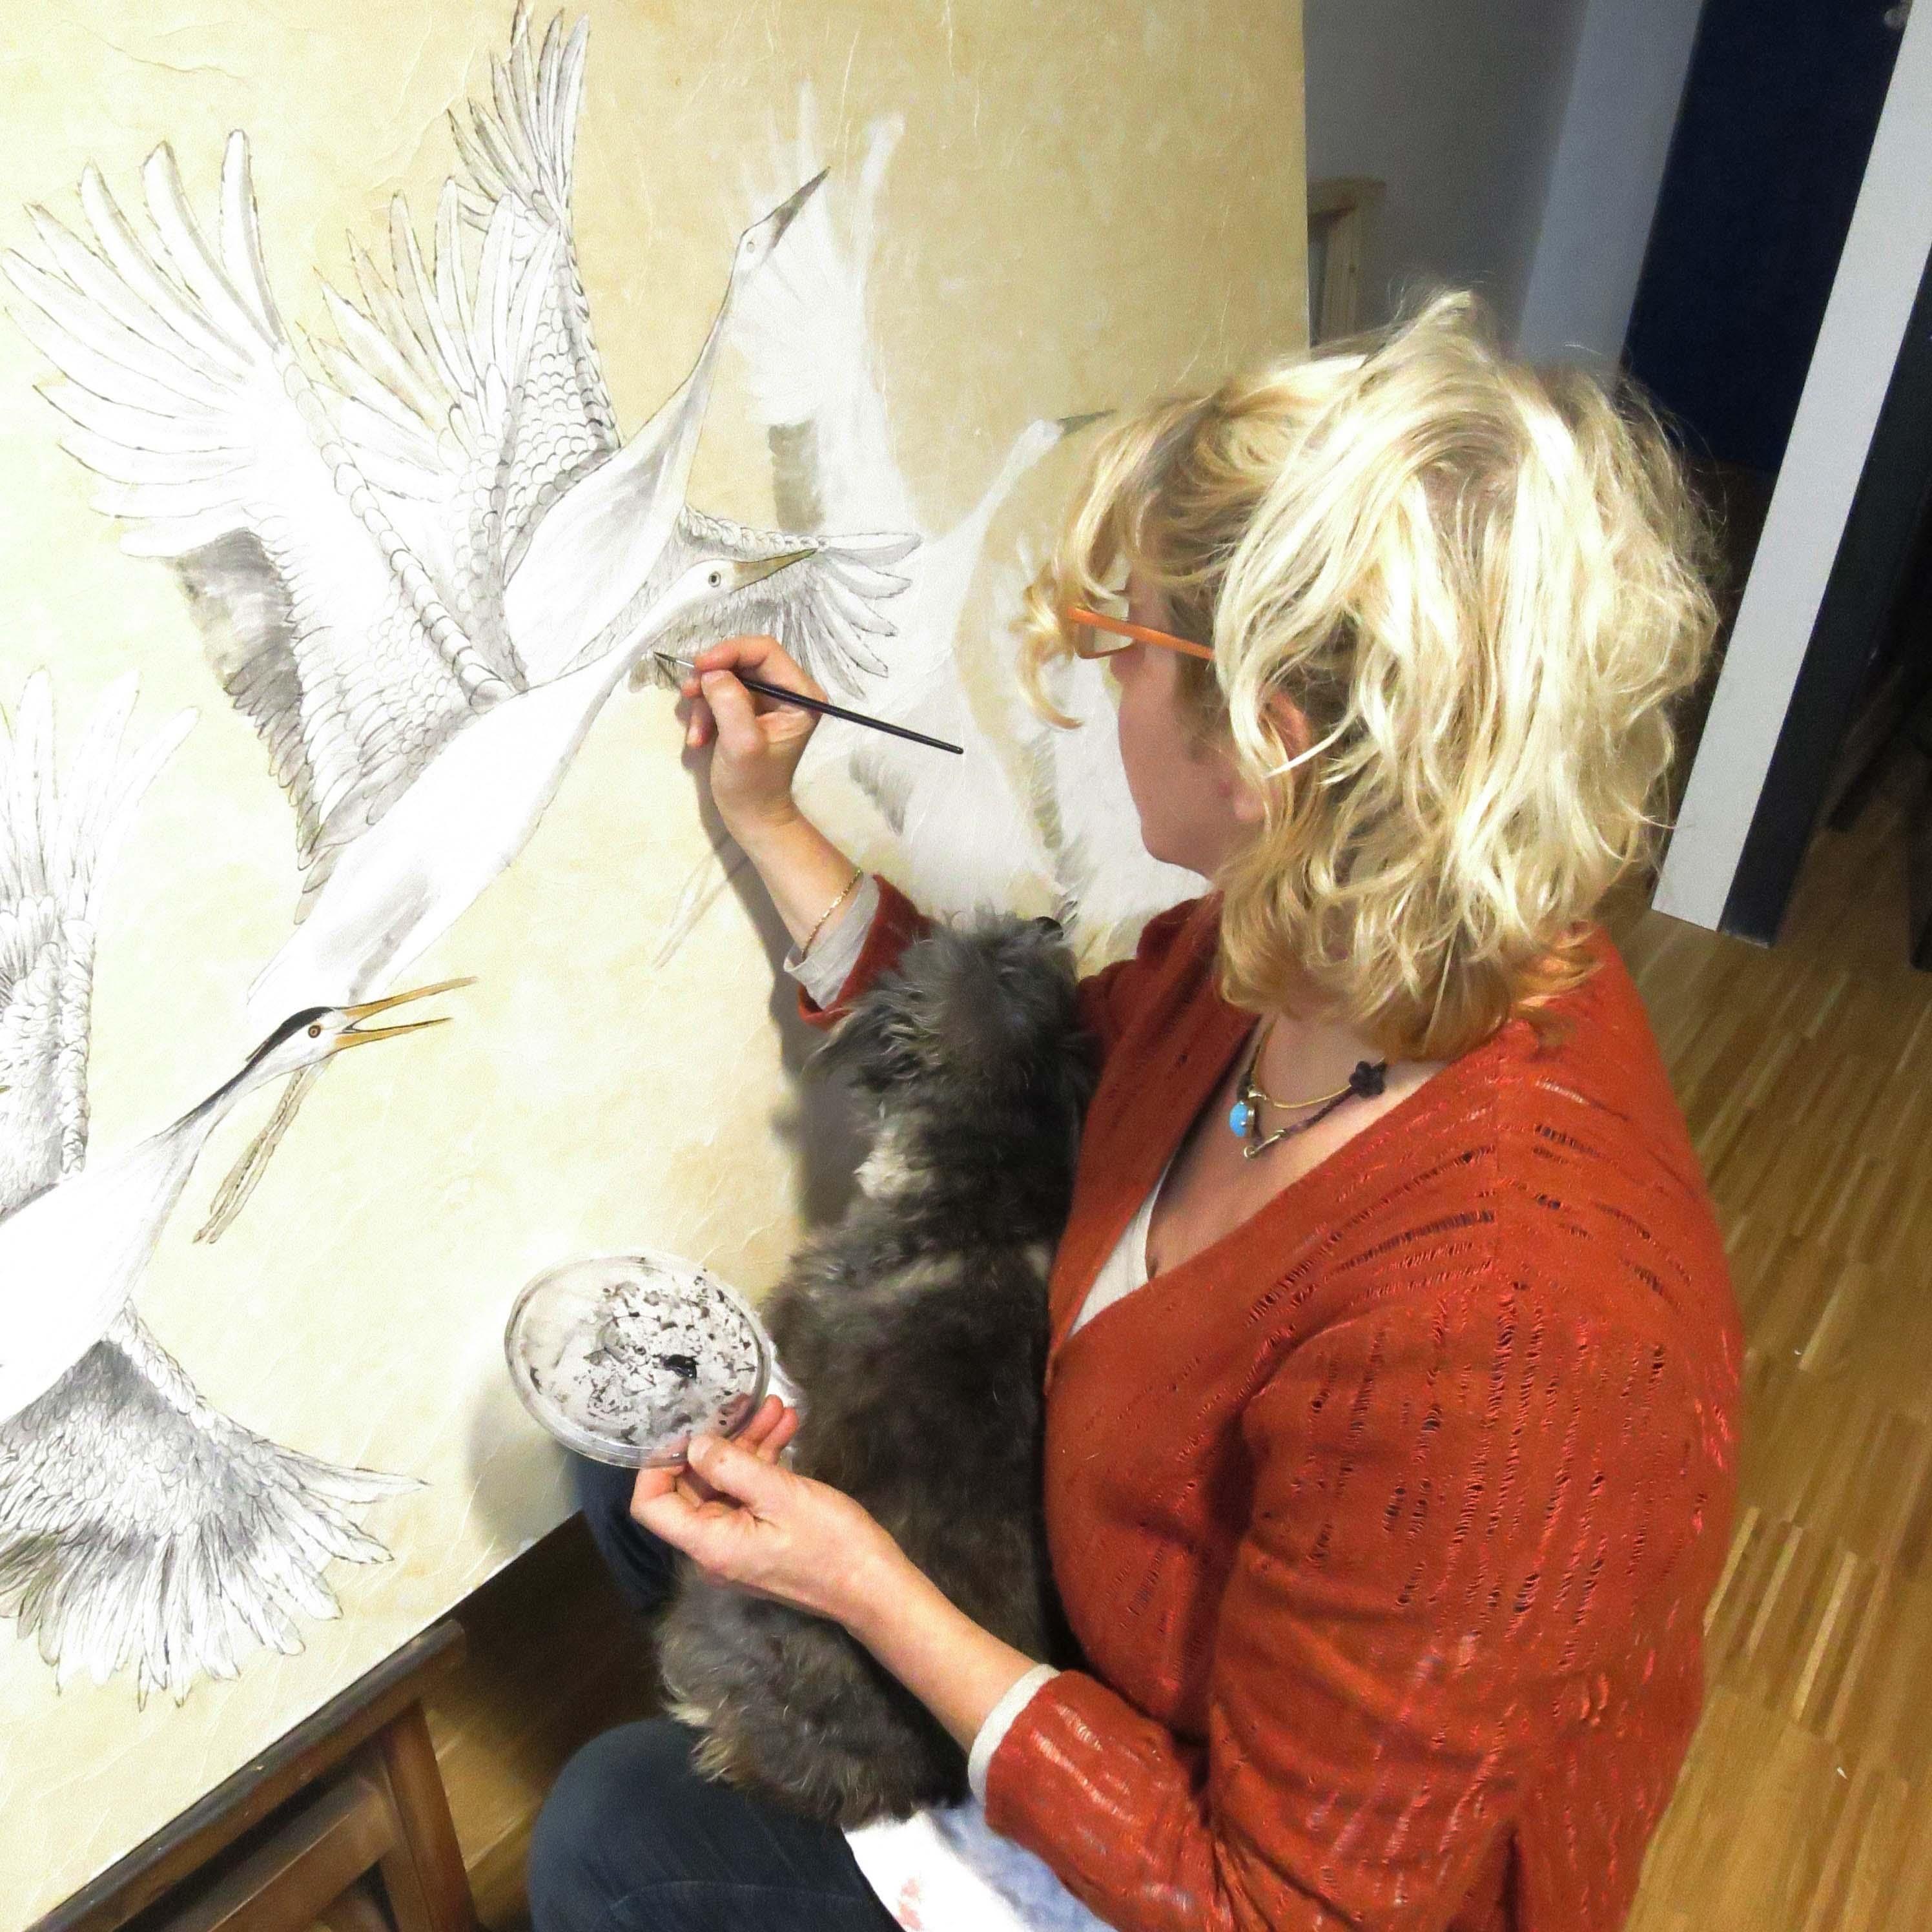 Lo stile Nihonga Mette in evidenza caratteristiche tecniche e stilistiche di certa pittura contemporanea un tipo di pittura per certi versi ispirata allo stile e alle tecniche dell'Occidente: che ha però fondamento nell'arte tradizionale Giapponese